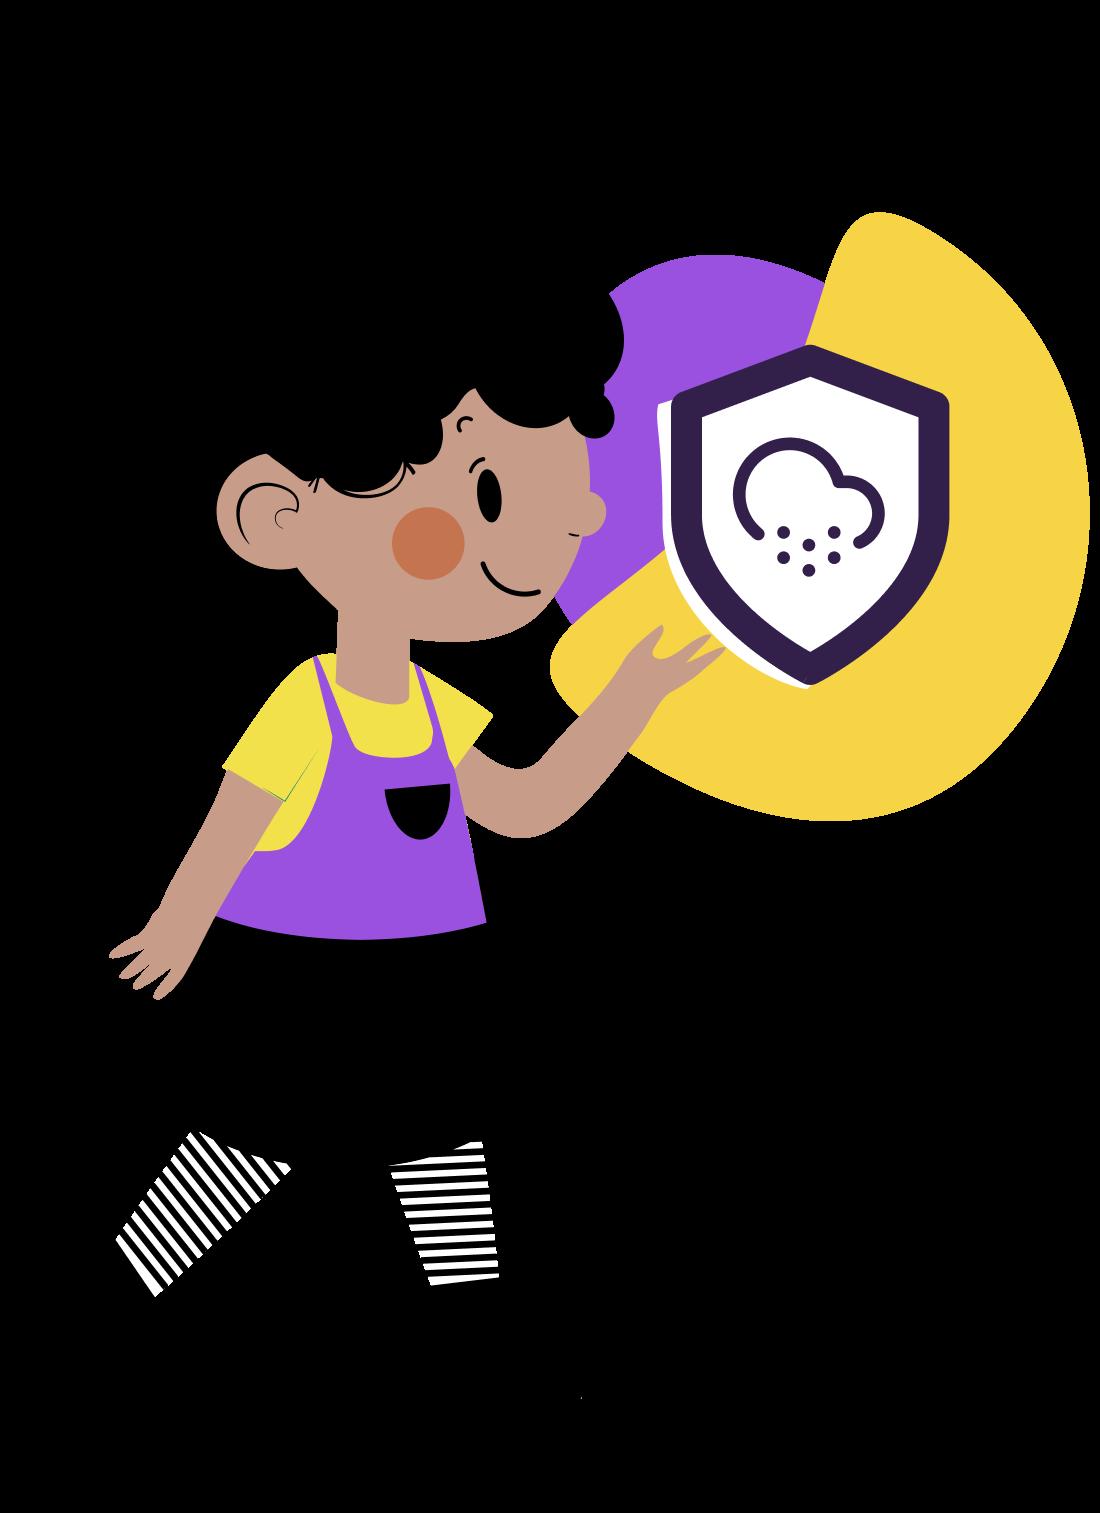 Ilustração de menina apresentando o ícone de um escudo com um símbolo de nuvem chovendo dentro e, atrás do ícone, formas geométricas roxa e amarela